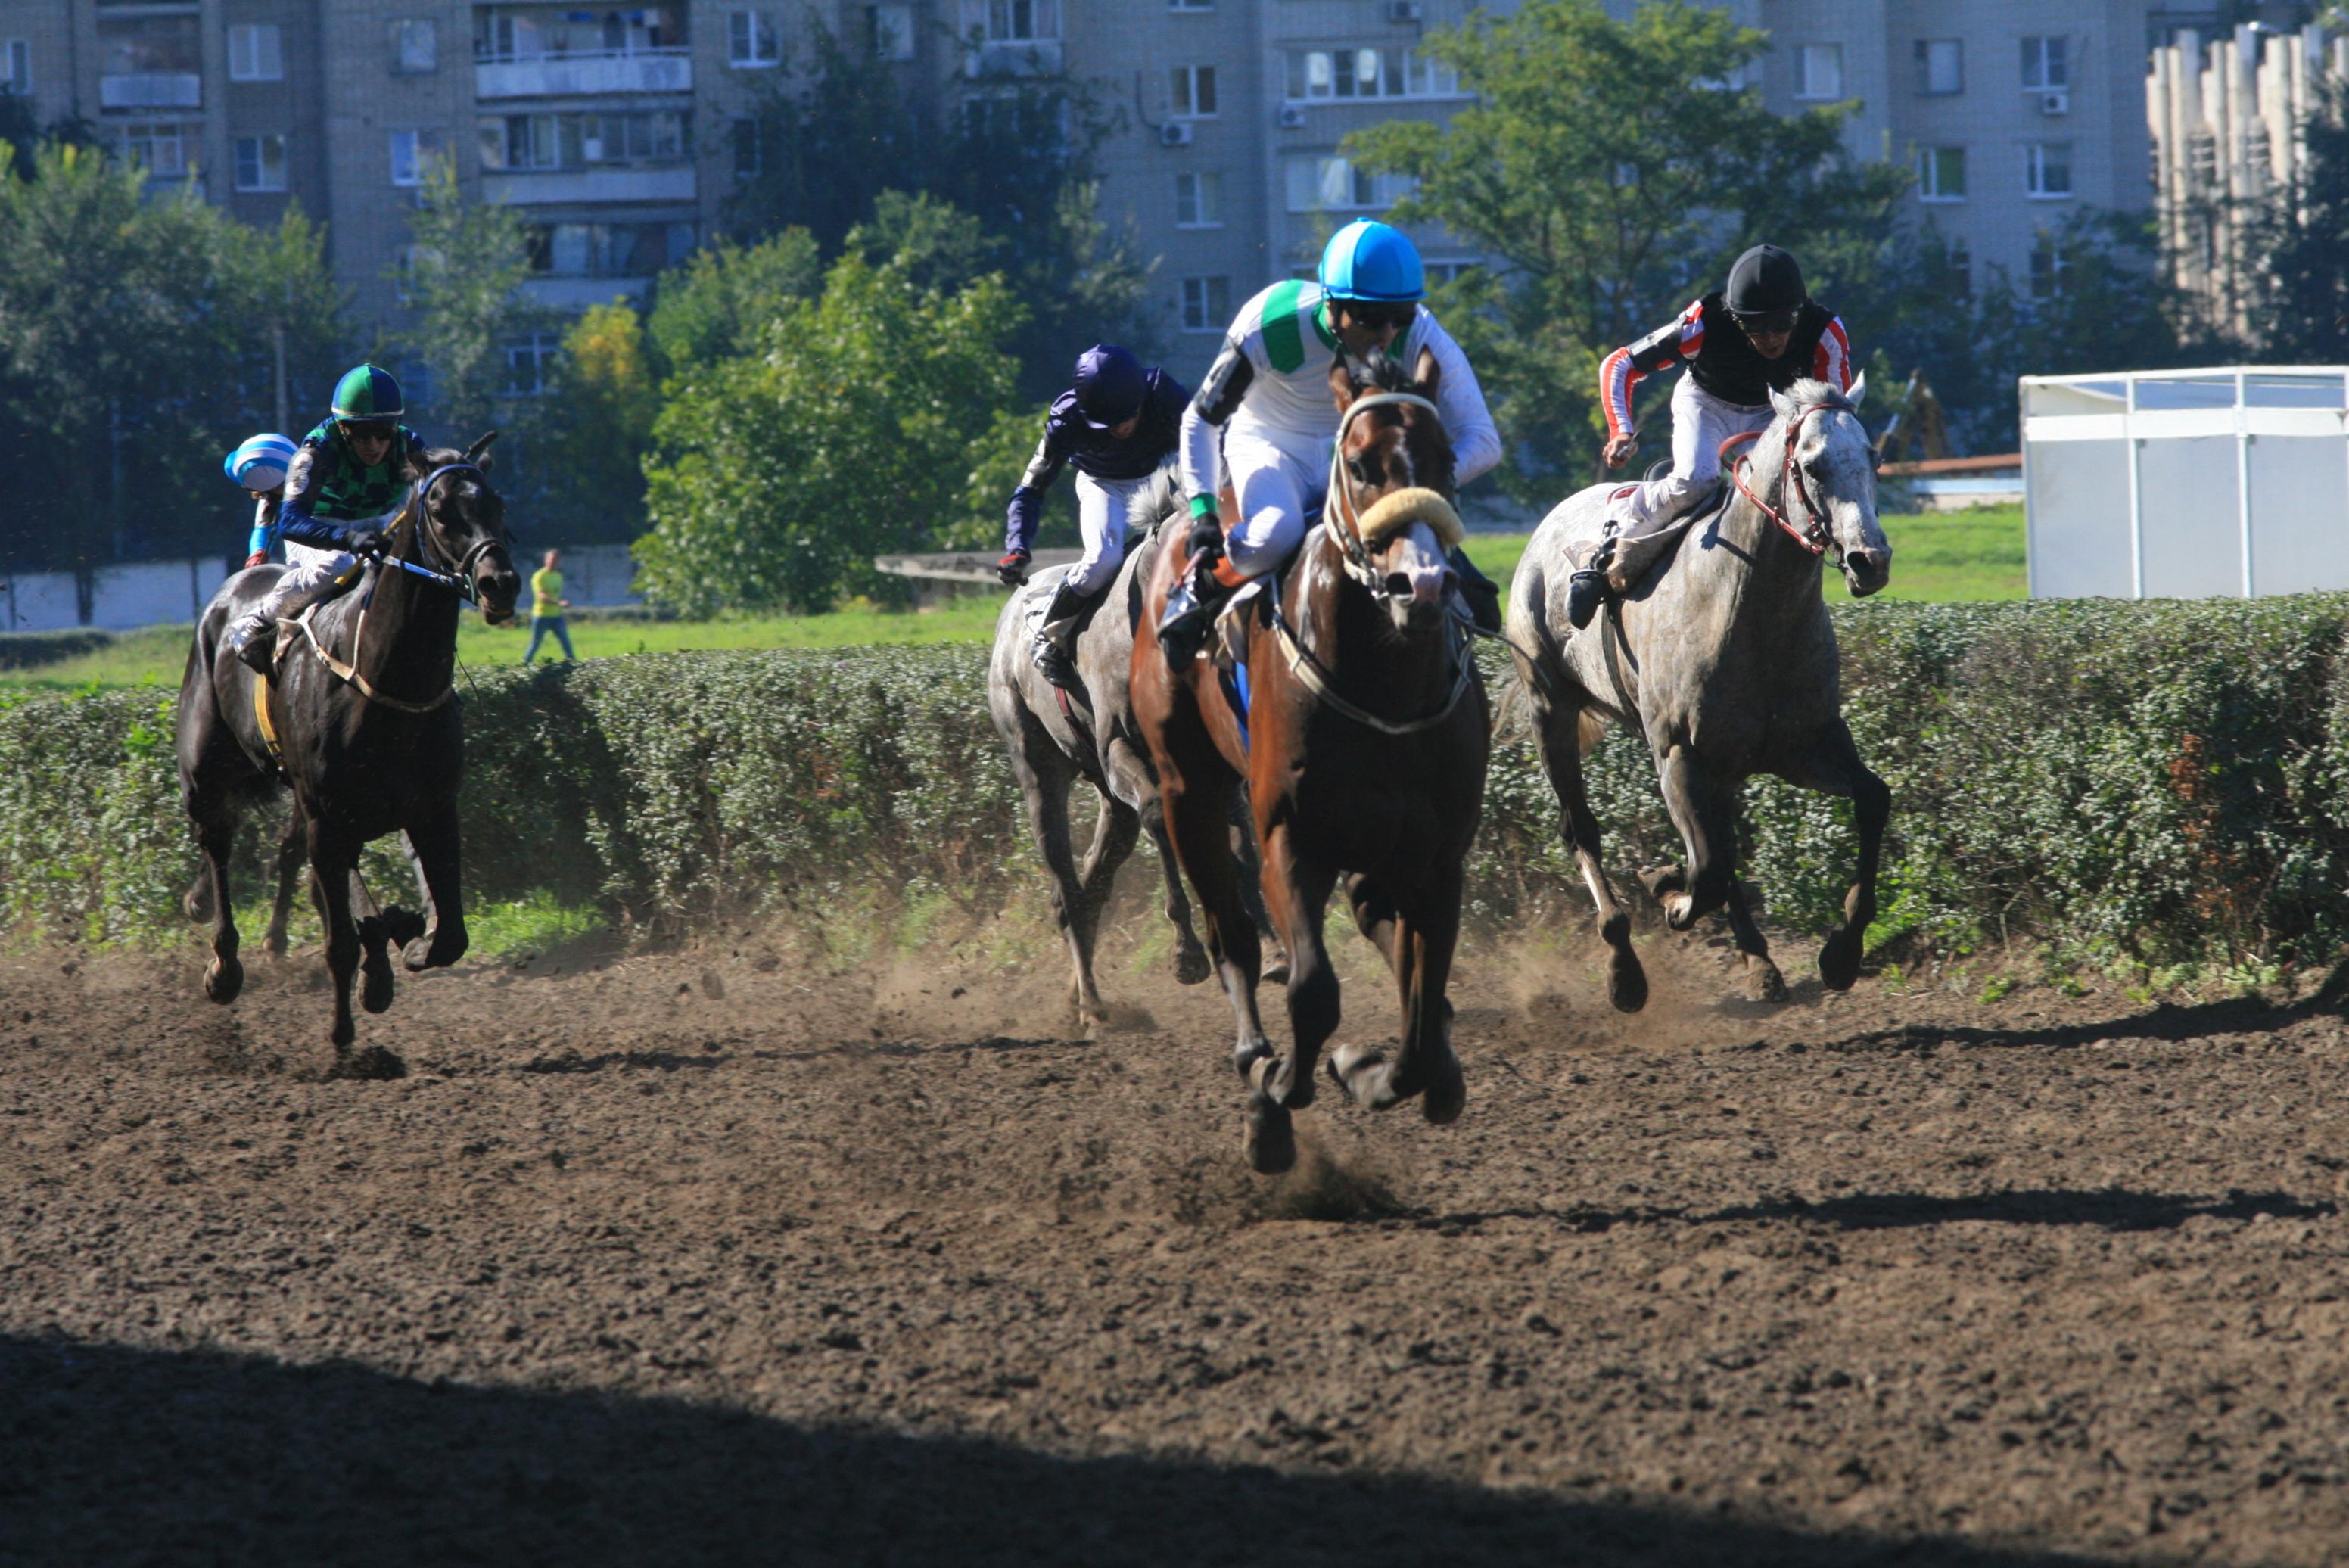 схема развития буденовской и донской породы лошадей